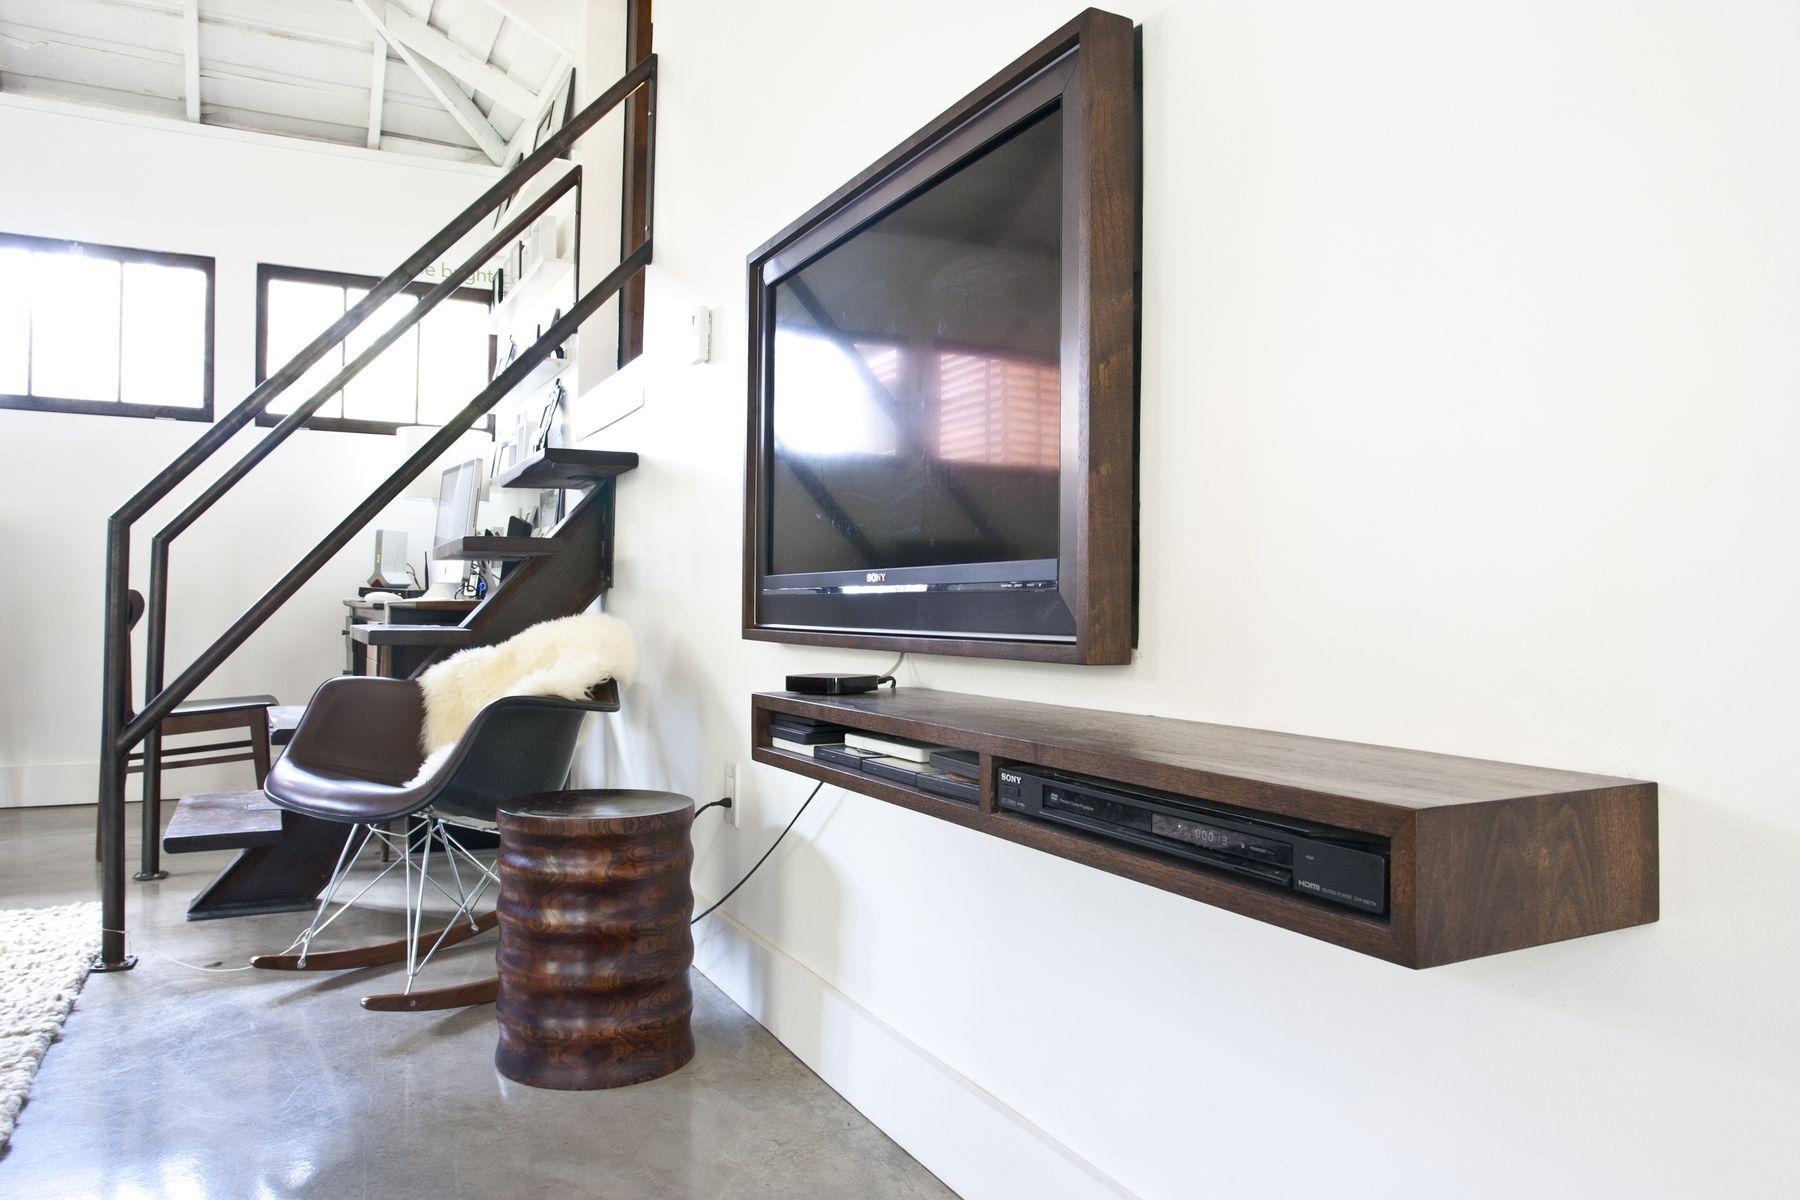 Storage wood floating media shelves design - Statue Of Floating Media Shelf Design